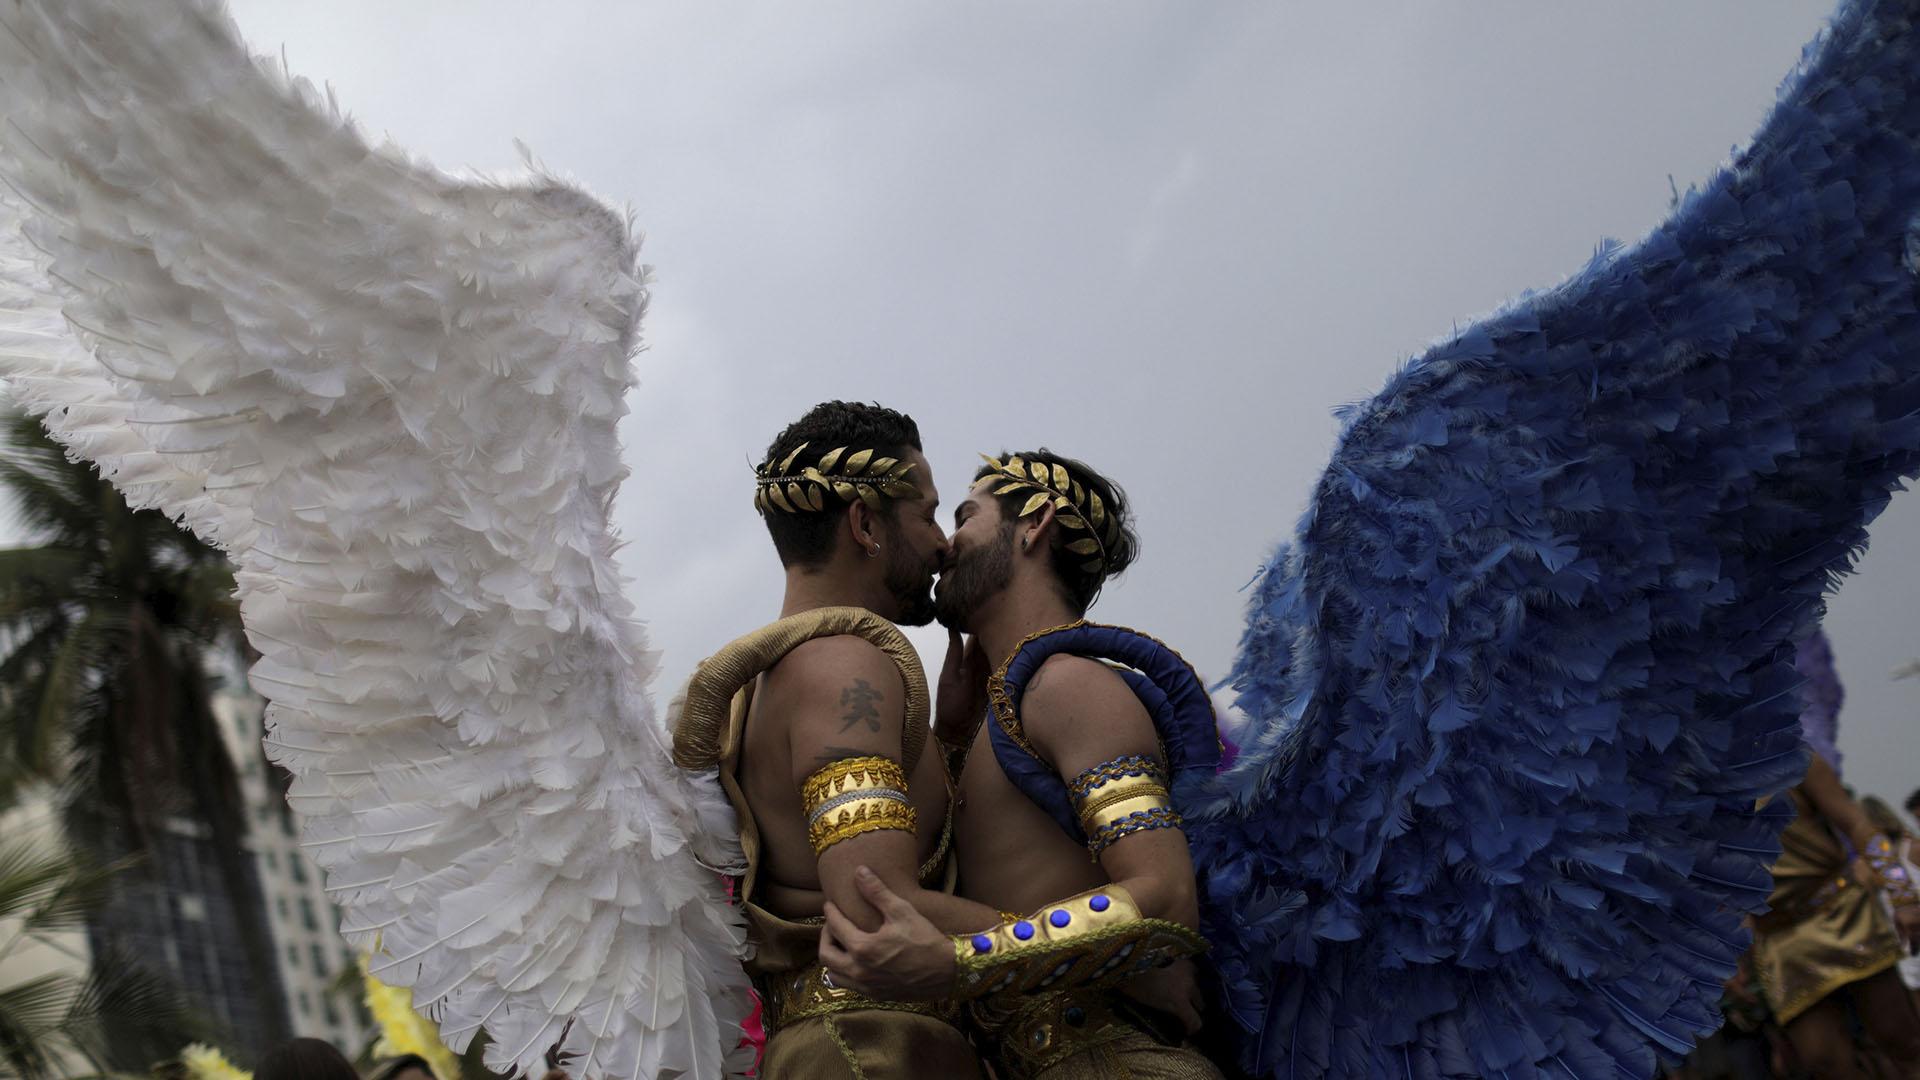 Brasil es uno de los países que más padece la violencia homofóbica. En 2006, registró 340 muertes, una cada 25 horas, según datos del Grupo Gay da Bahia